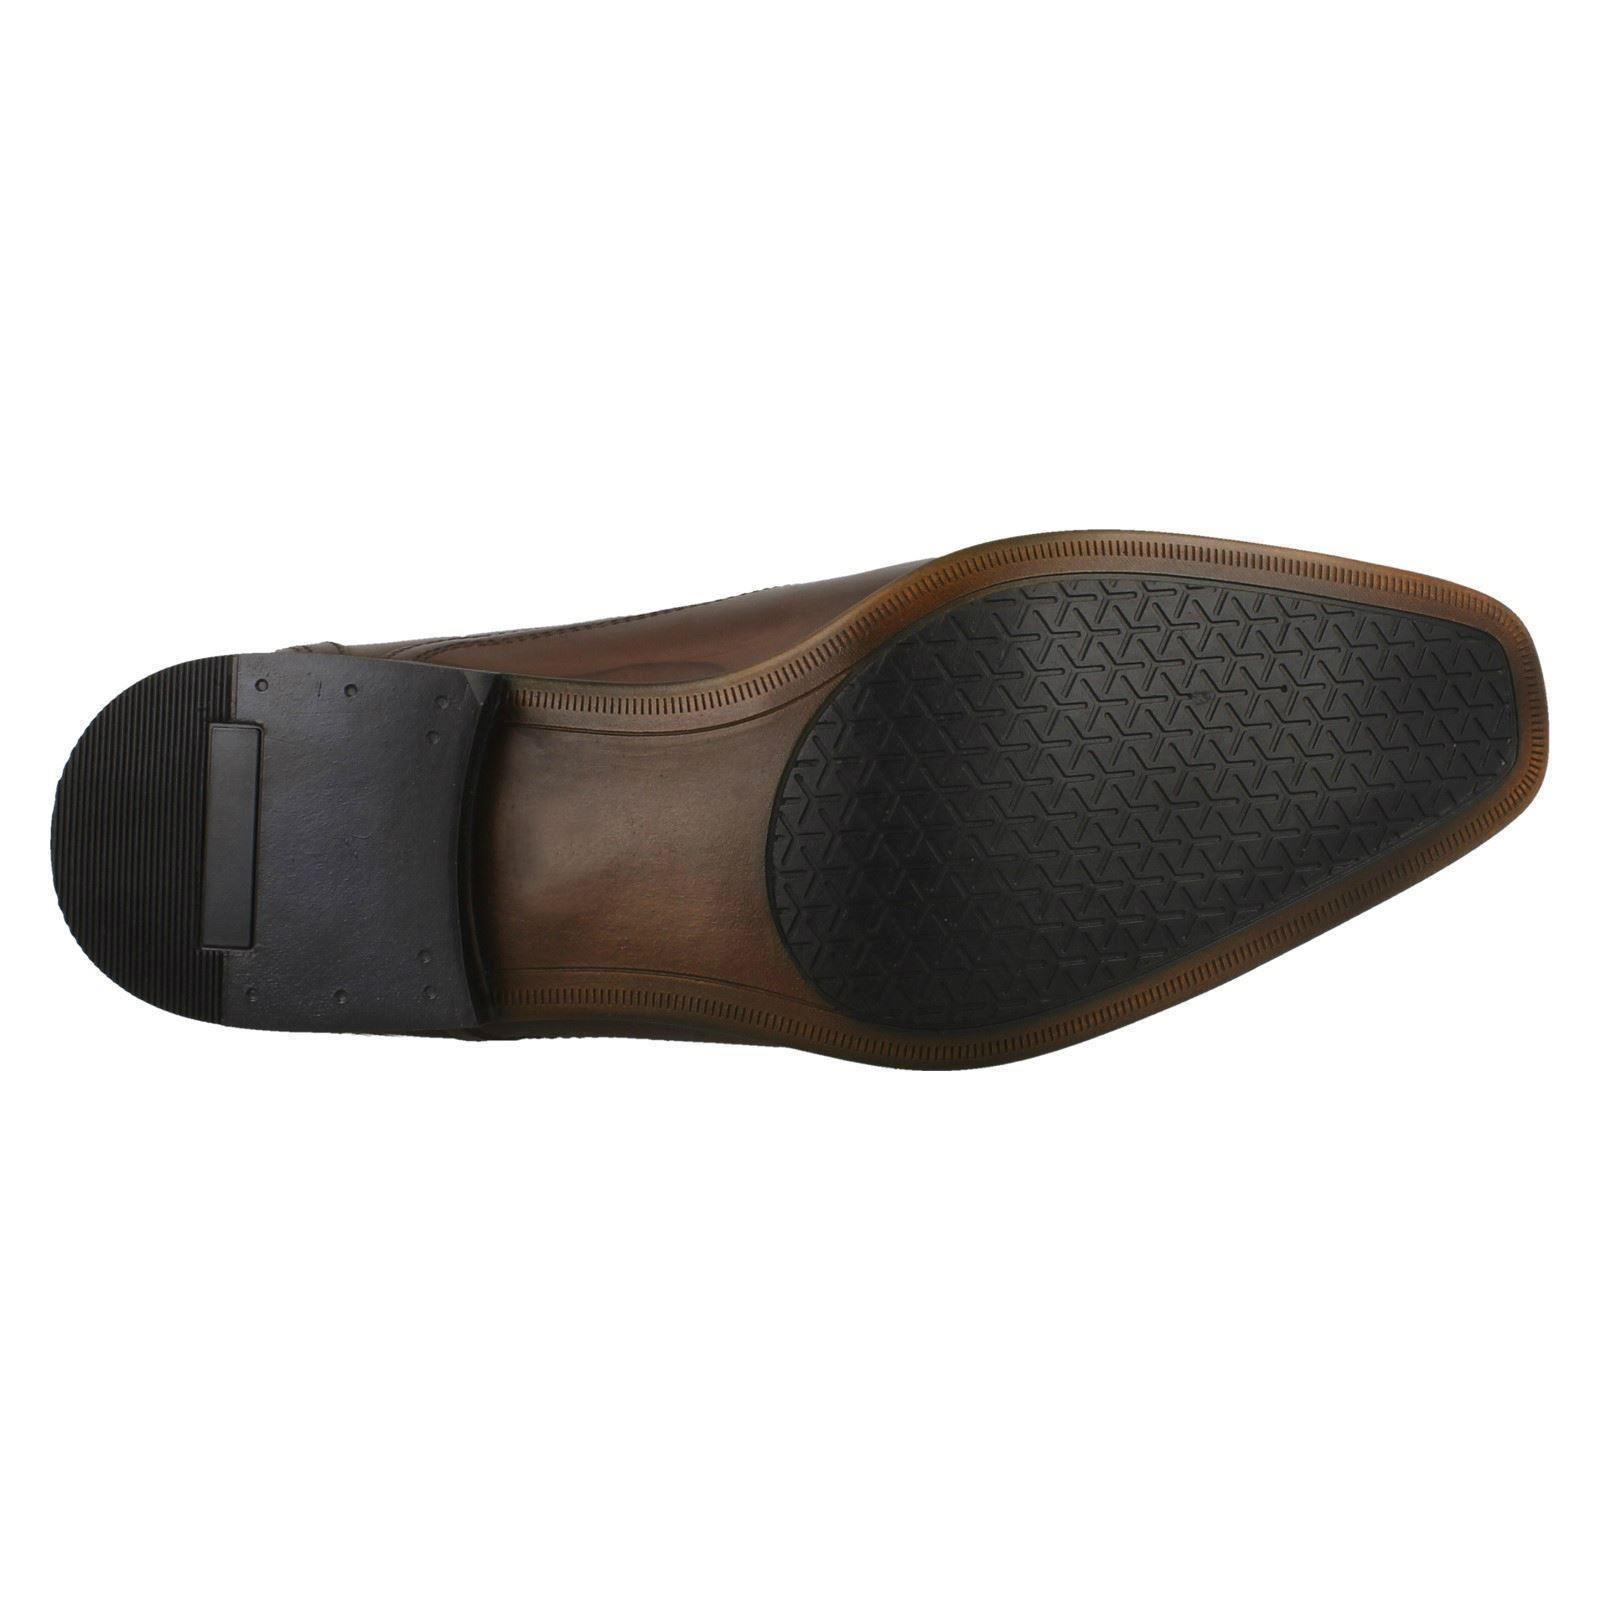 Da Uomo Base London Scarpe Formale Con Dettaglio CALATA Era MTO Scarpe classiche da uomo